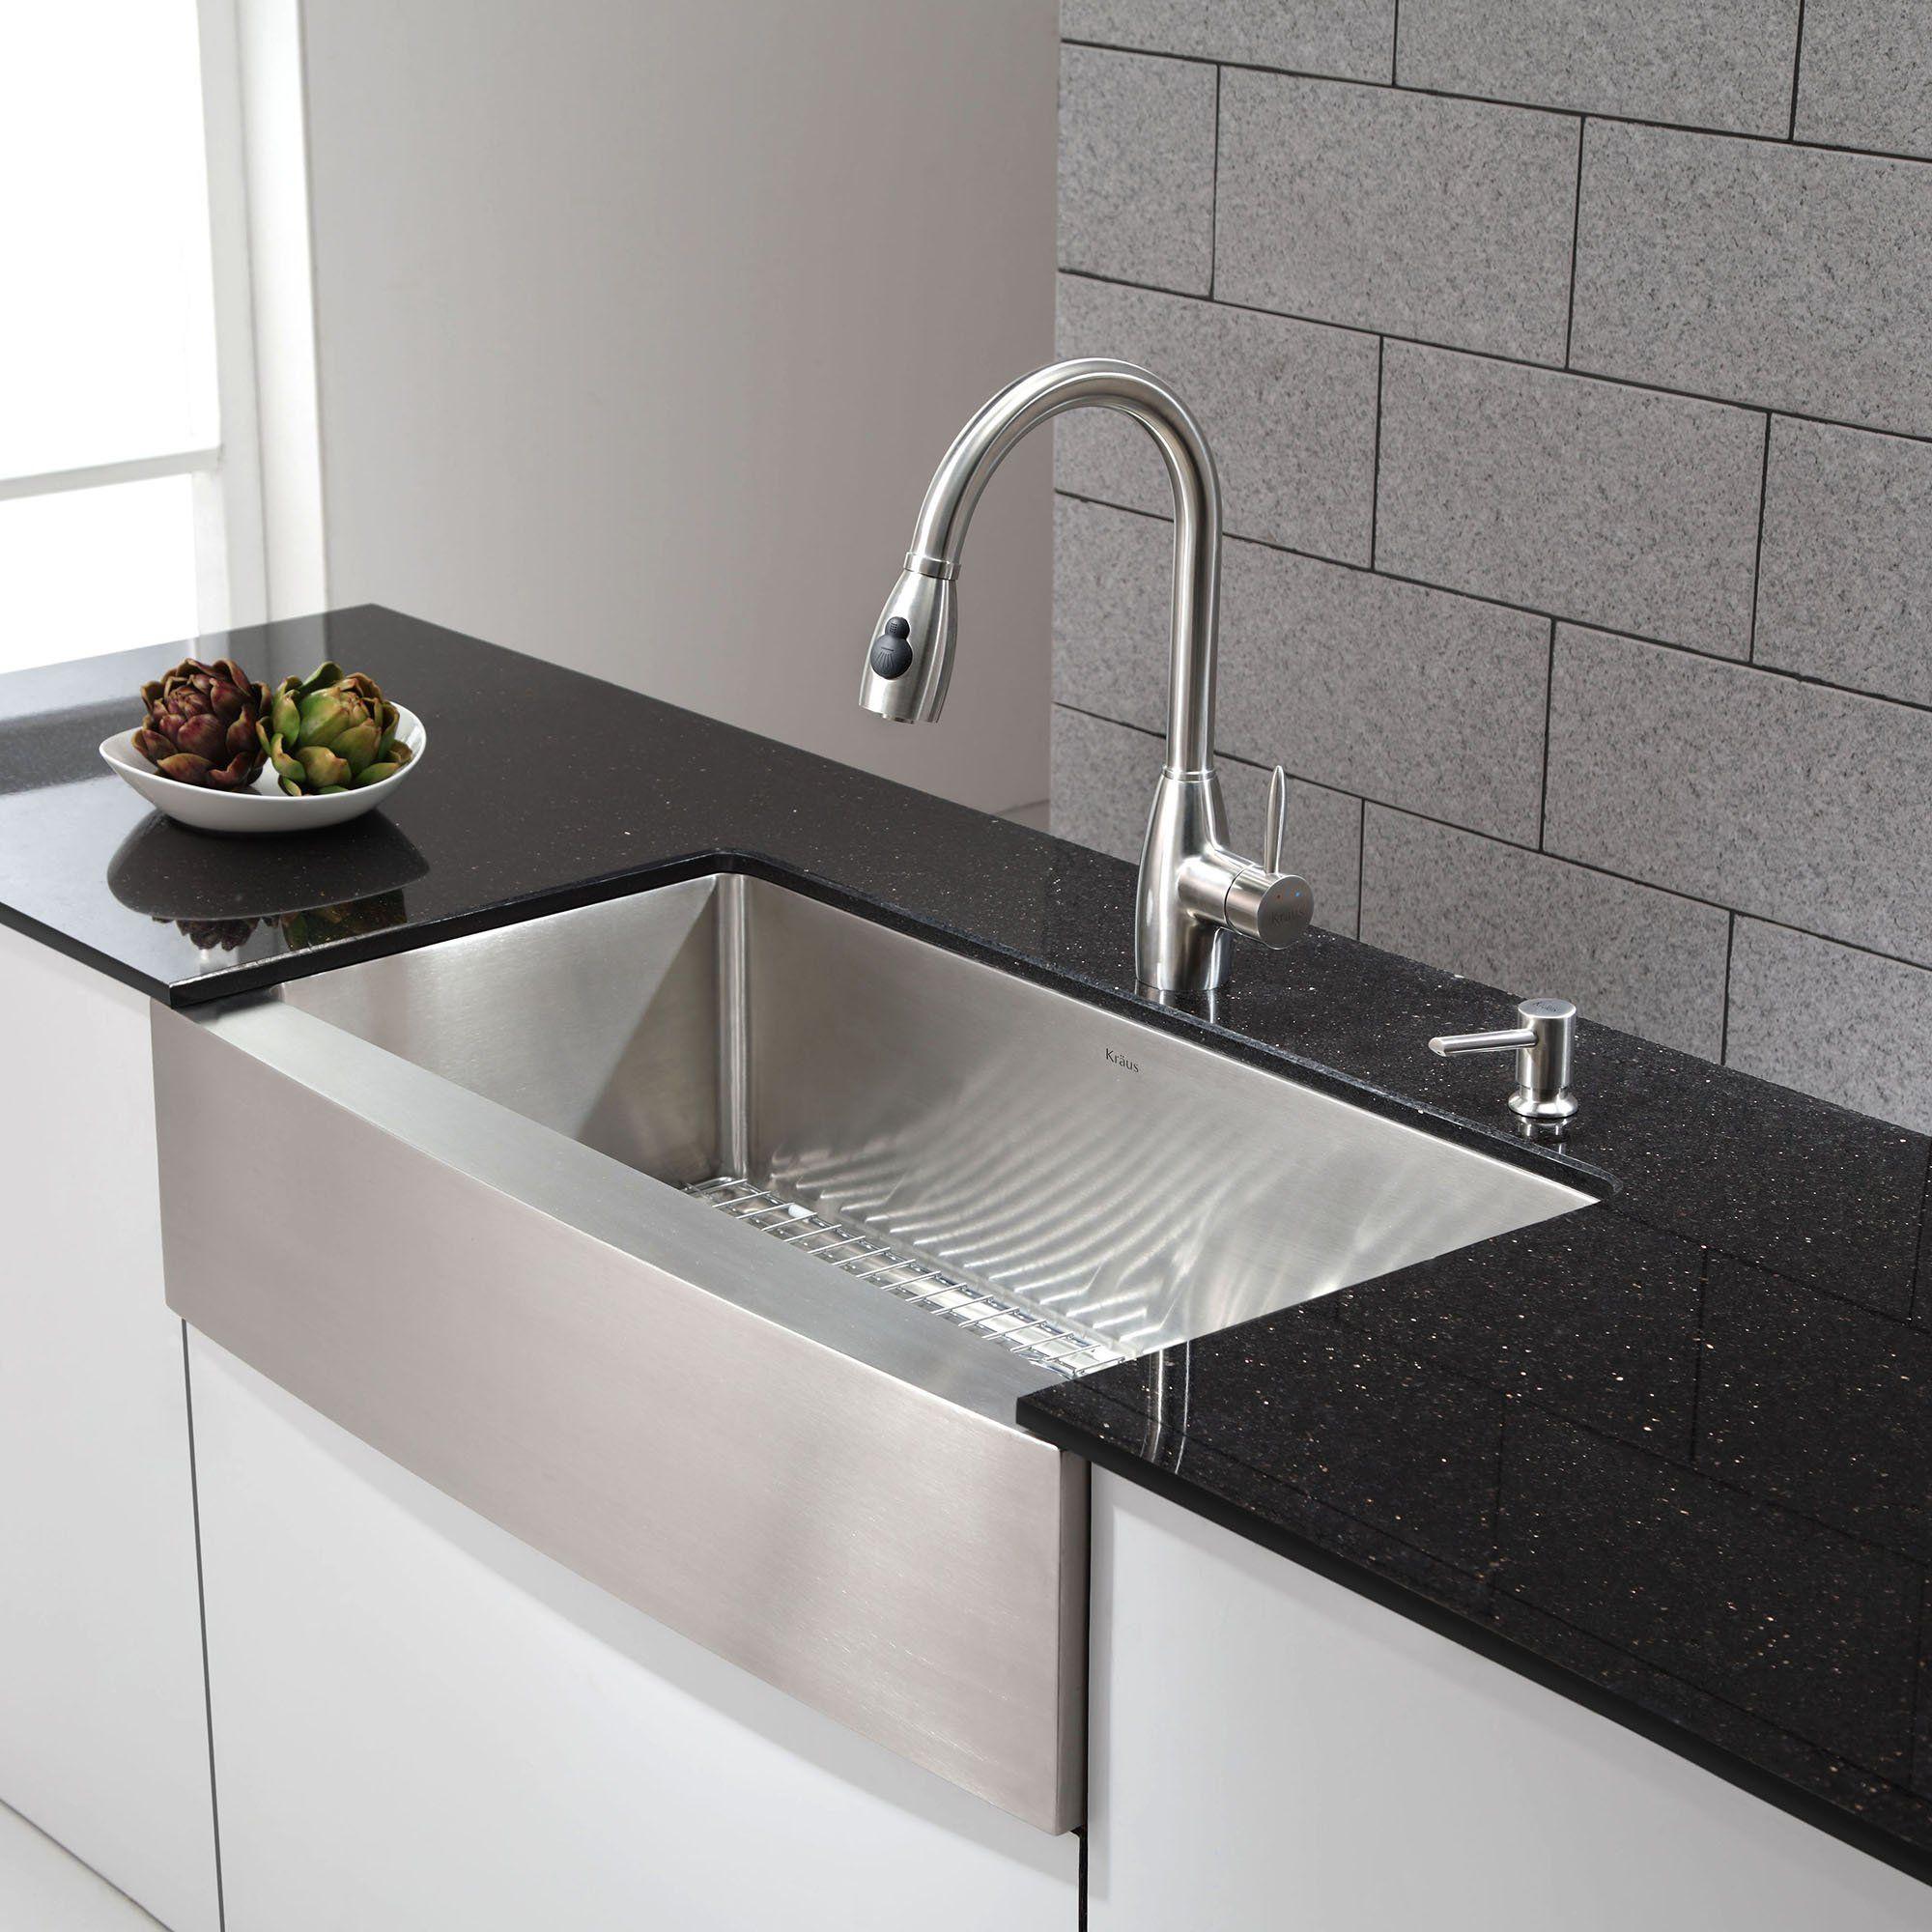 Amazon Com Kraus Khf200 36 36 Inch Farmhouse Apron Single Bowl 16 Gauge Stainless Stee Farmhouse Sink Kitchen Modern Kitchen Apartment Kitchen Decor Apartment